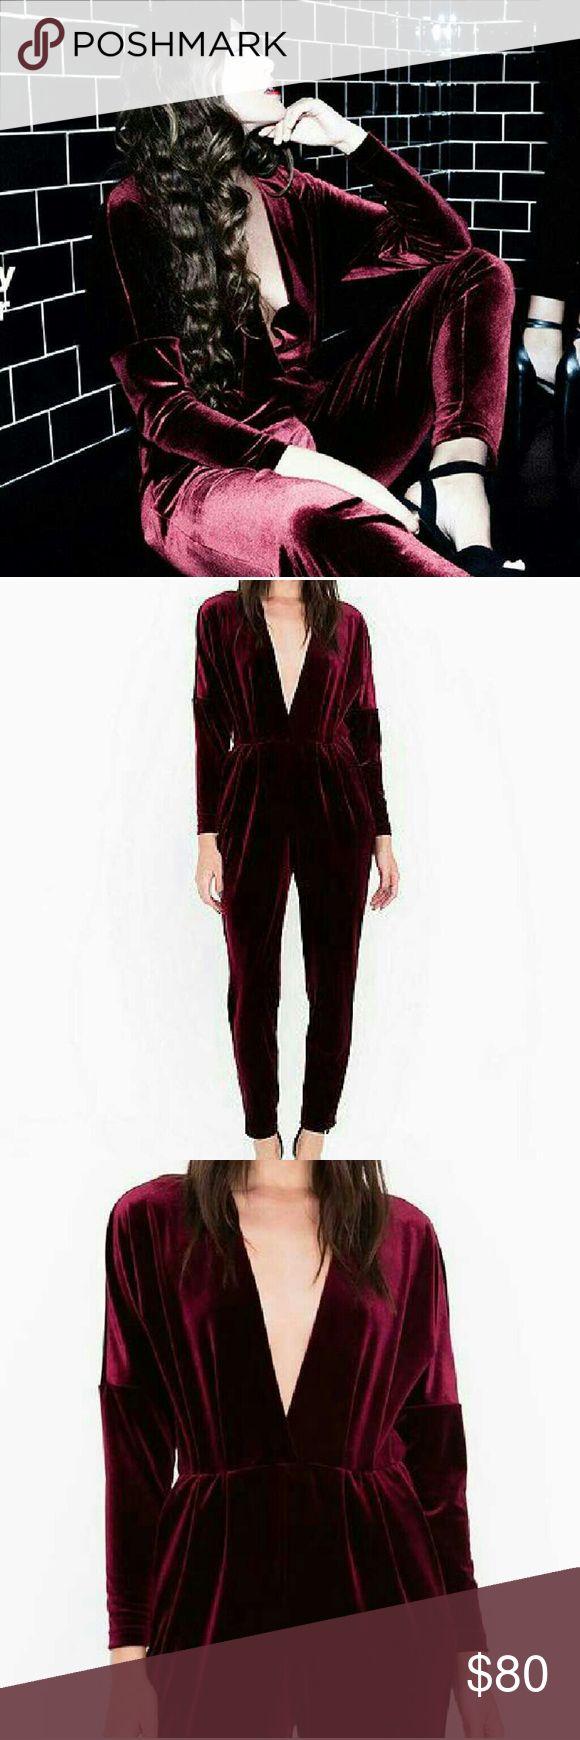 Adelyn venture velvet jumpsuit Velvet burgundy. Size xsmall brand new American Apparel Other